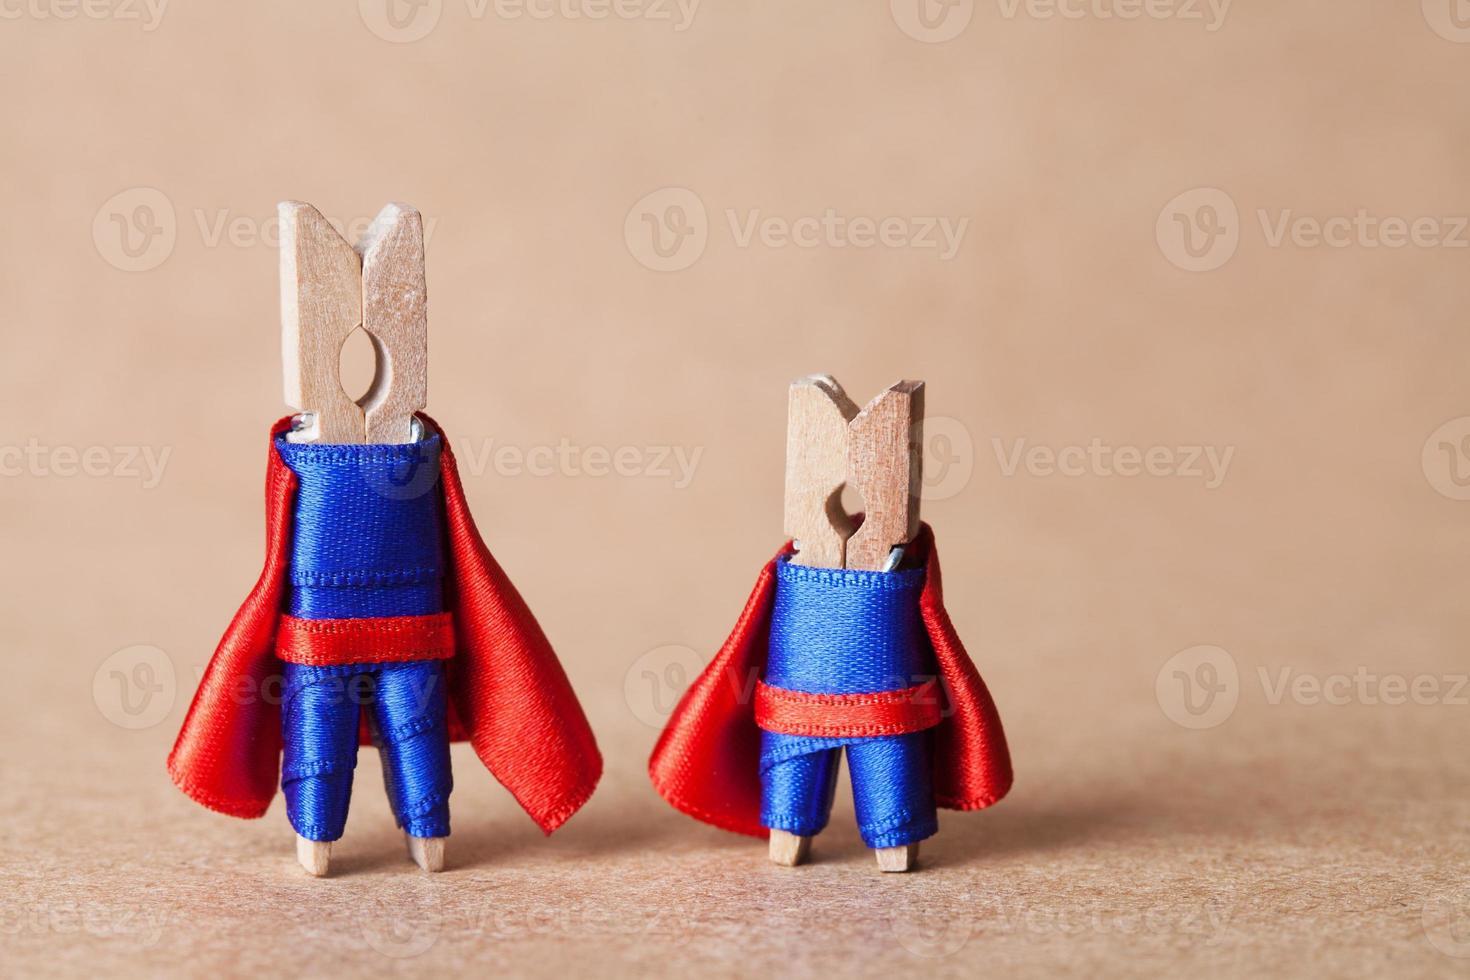 klädnypor. superhjältar i blå kostym och röd udde. foto